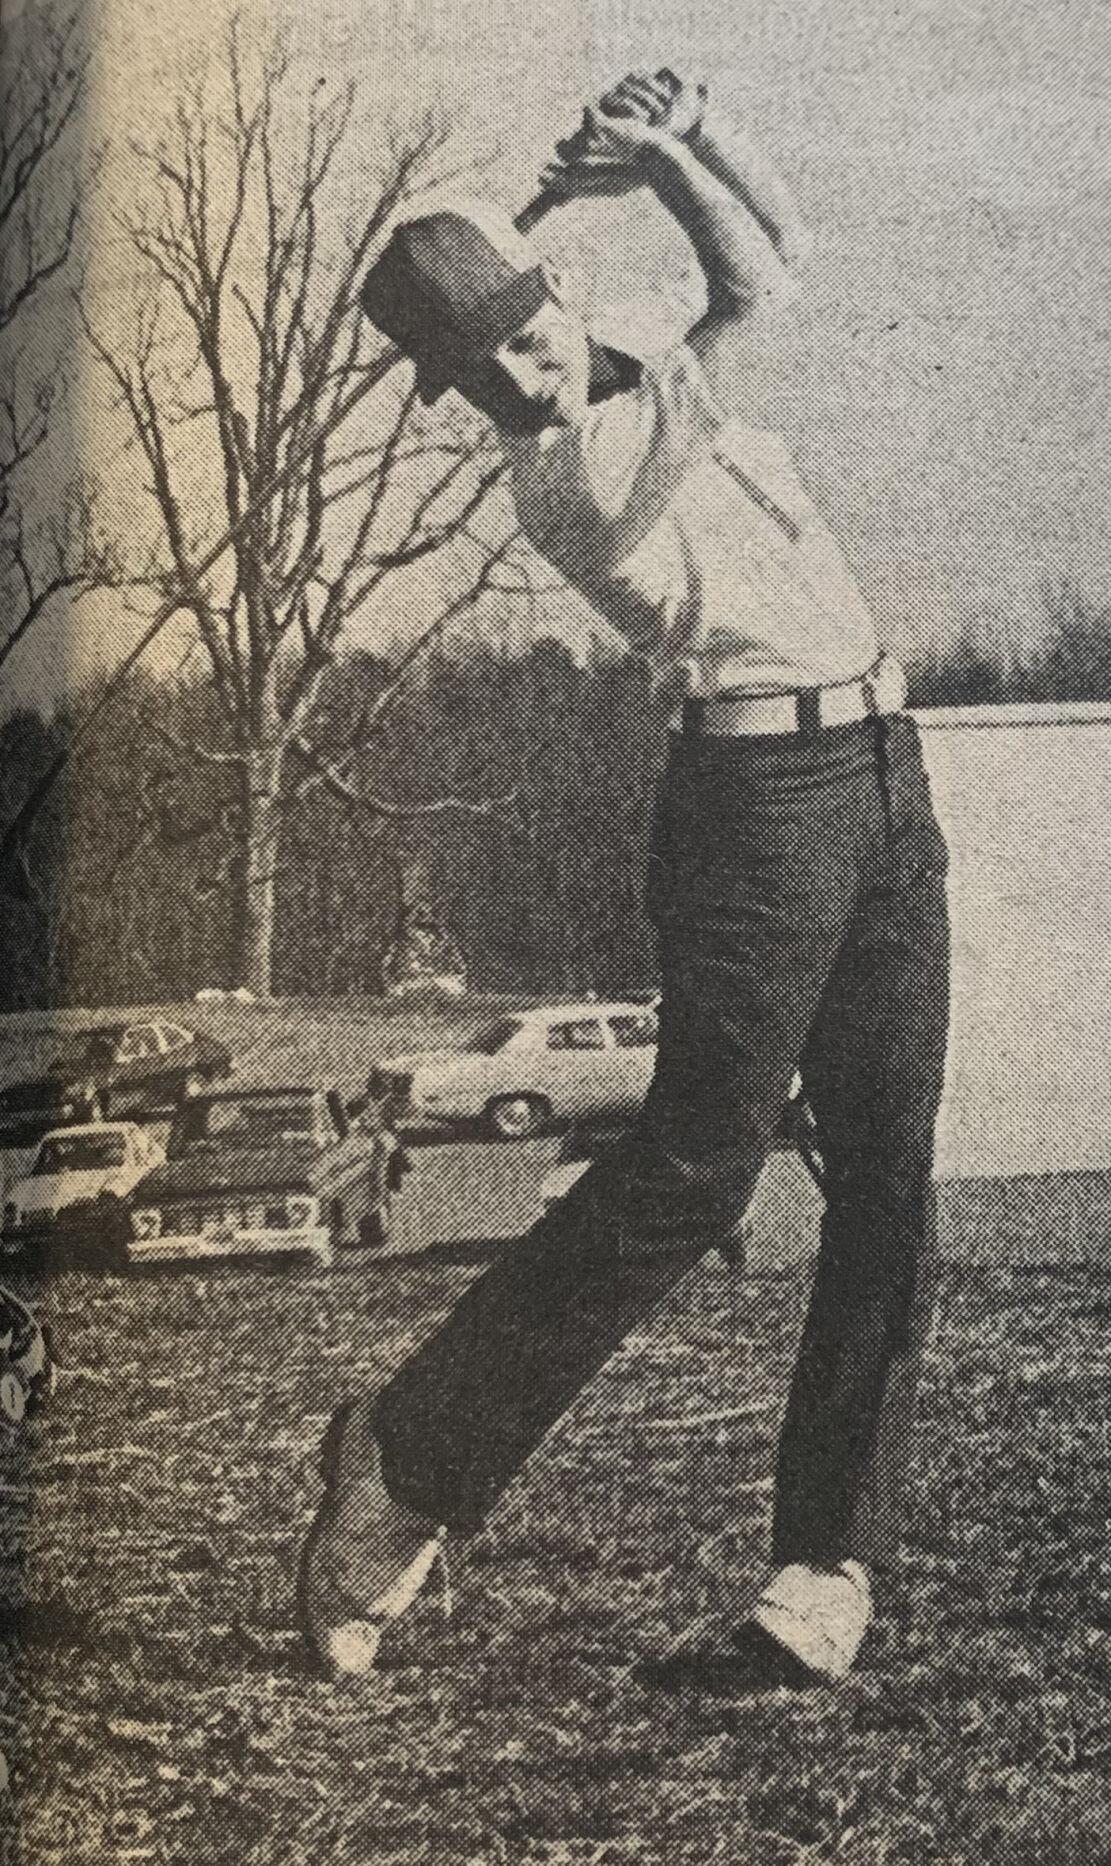 Morris 1978